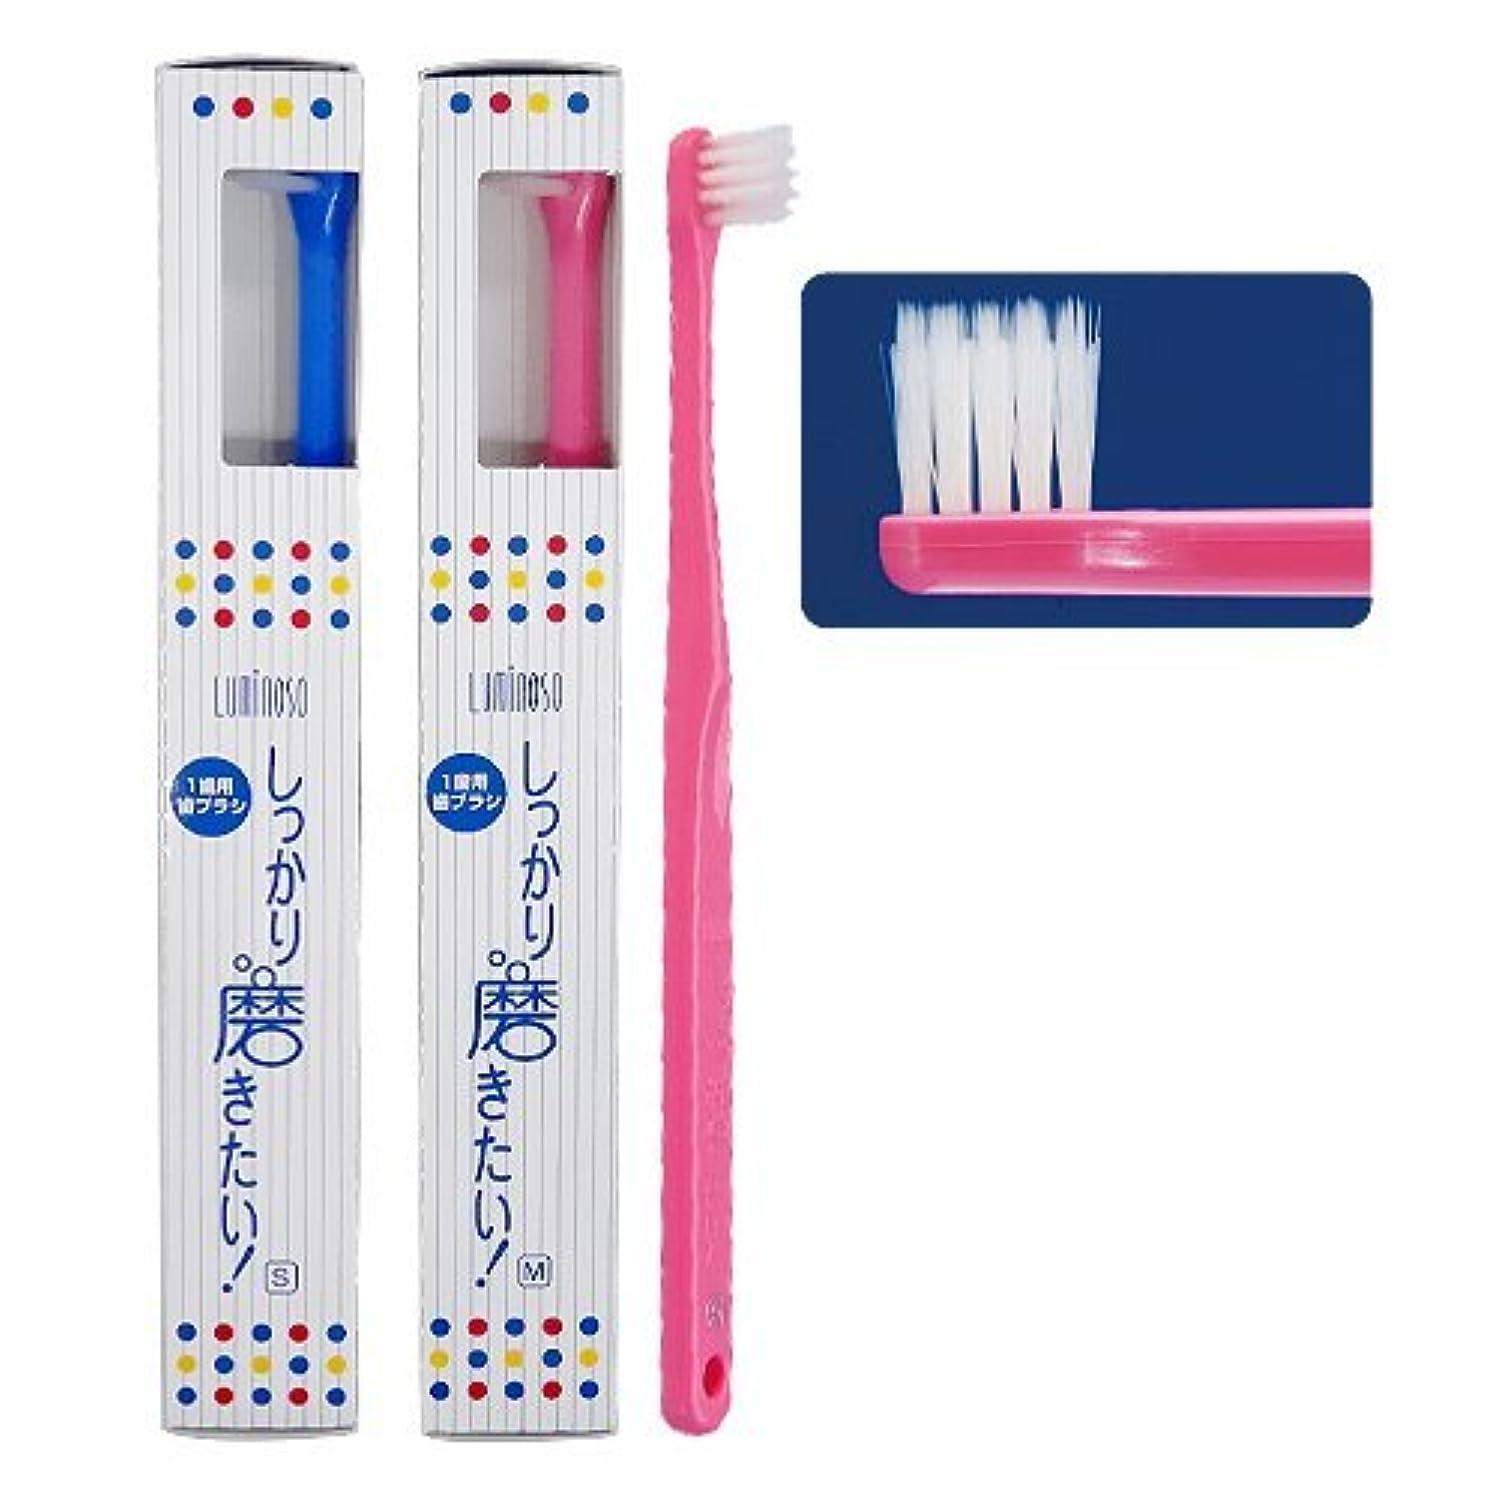 アニメーションガラスめったにルミノソ 1歯用歯ブラシ「しっかり磨きたい!」スタンダード ミディアム (カラー指定不可) 5本